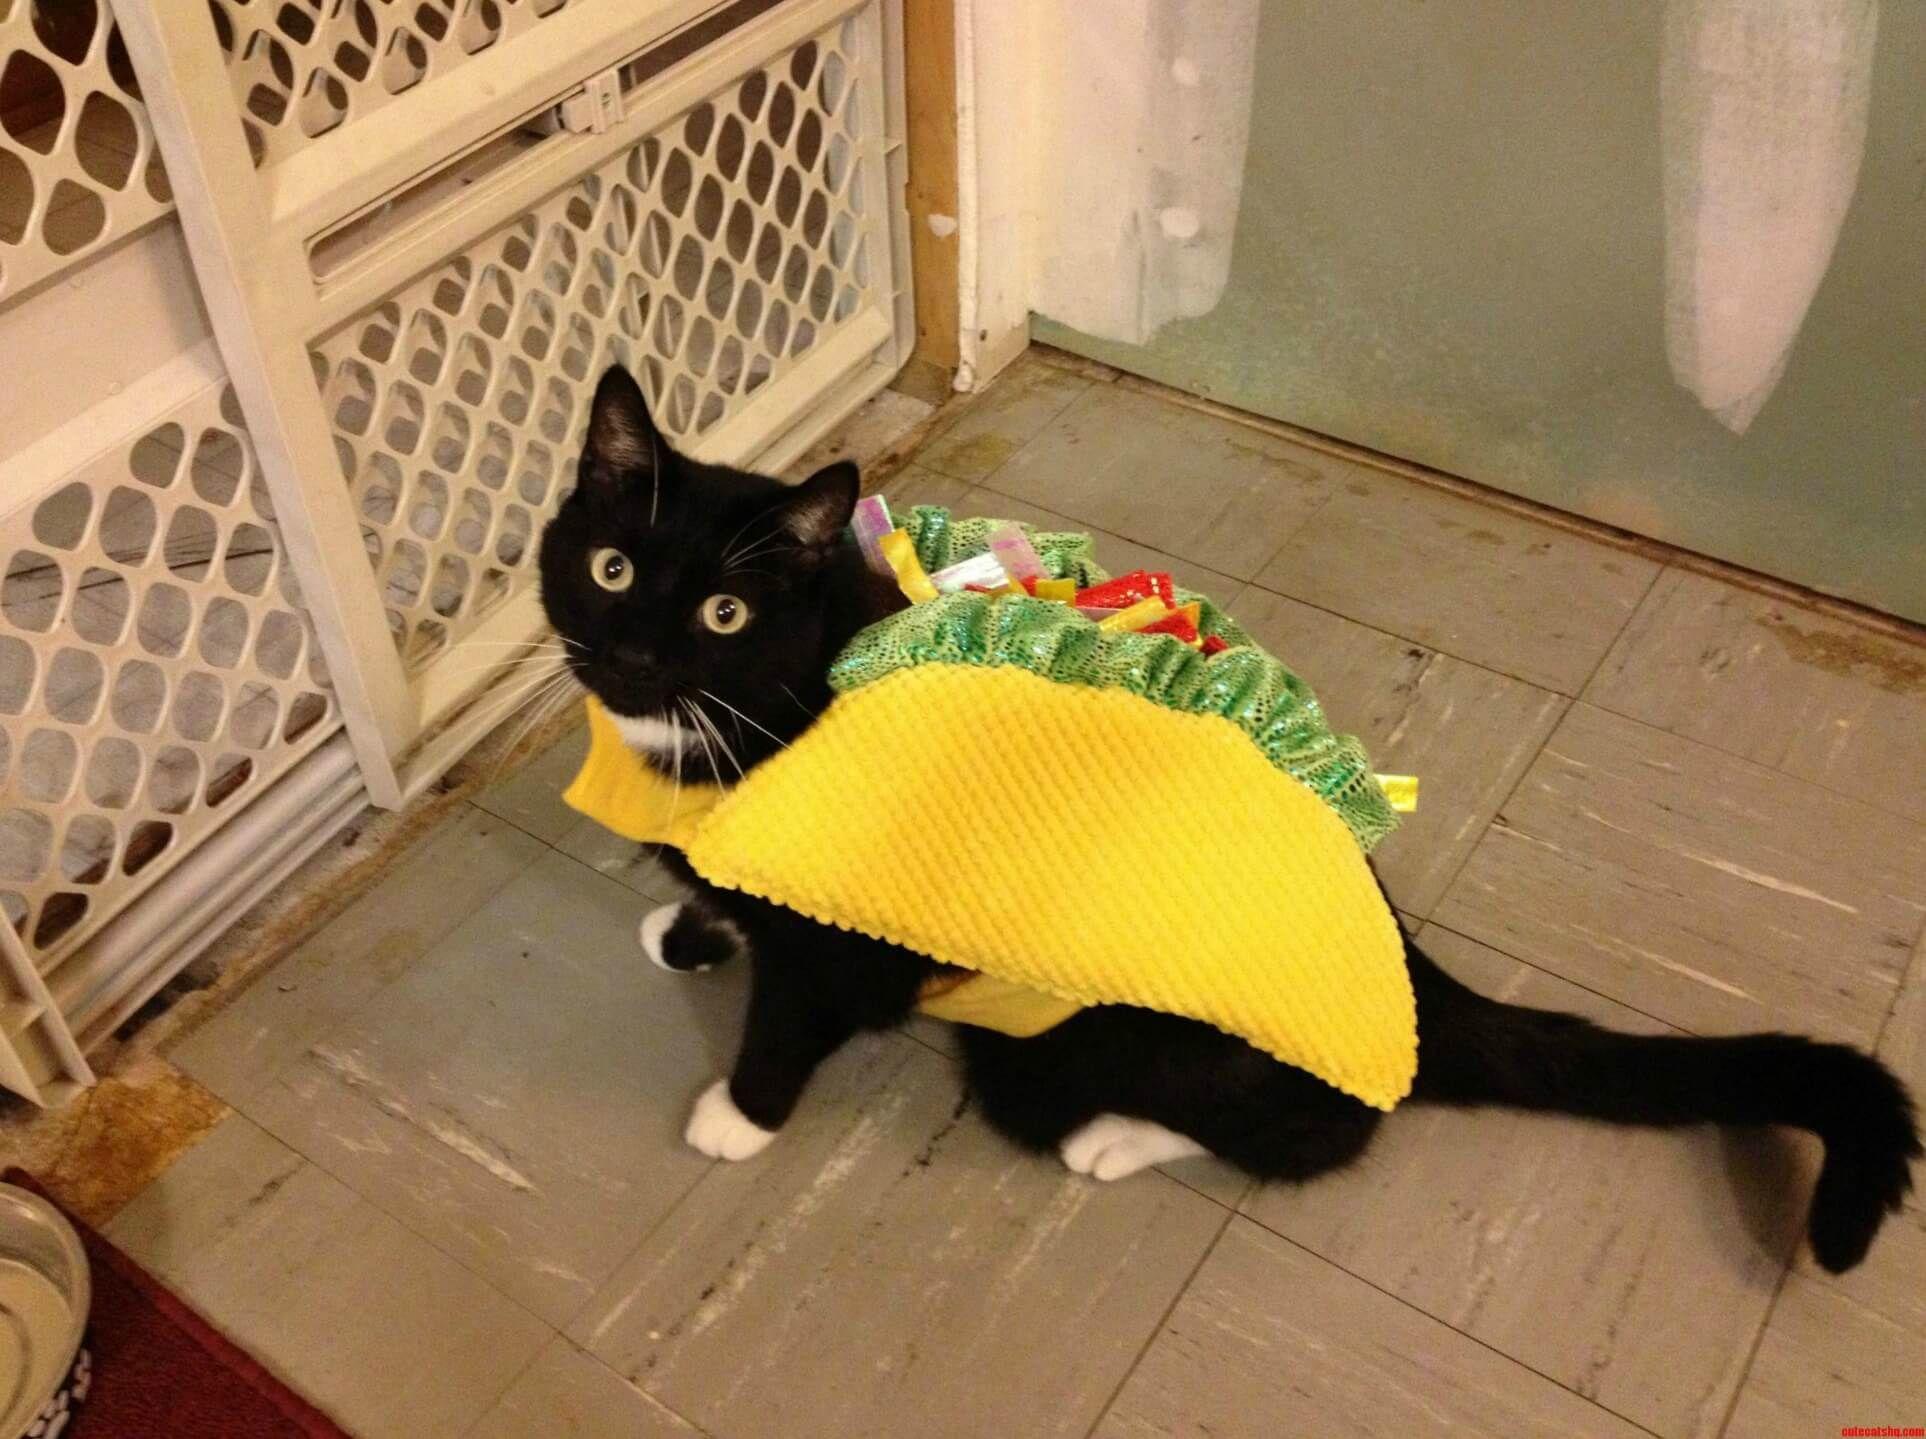 Best Cat Halloween Costumes Halloween Costumes Blog Taco Cat Costume Cat Halloween Costume Taco Cat